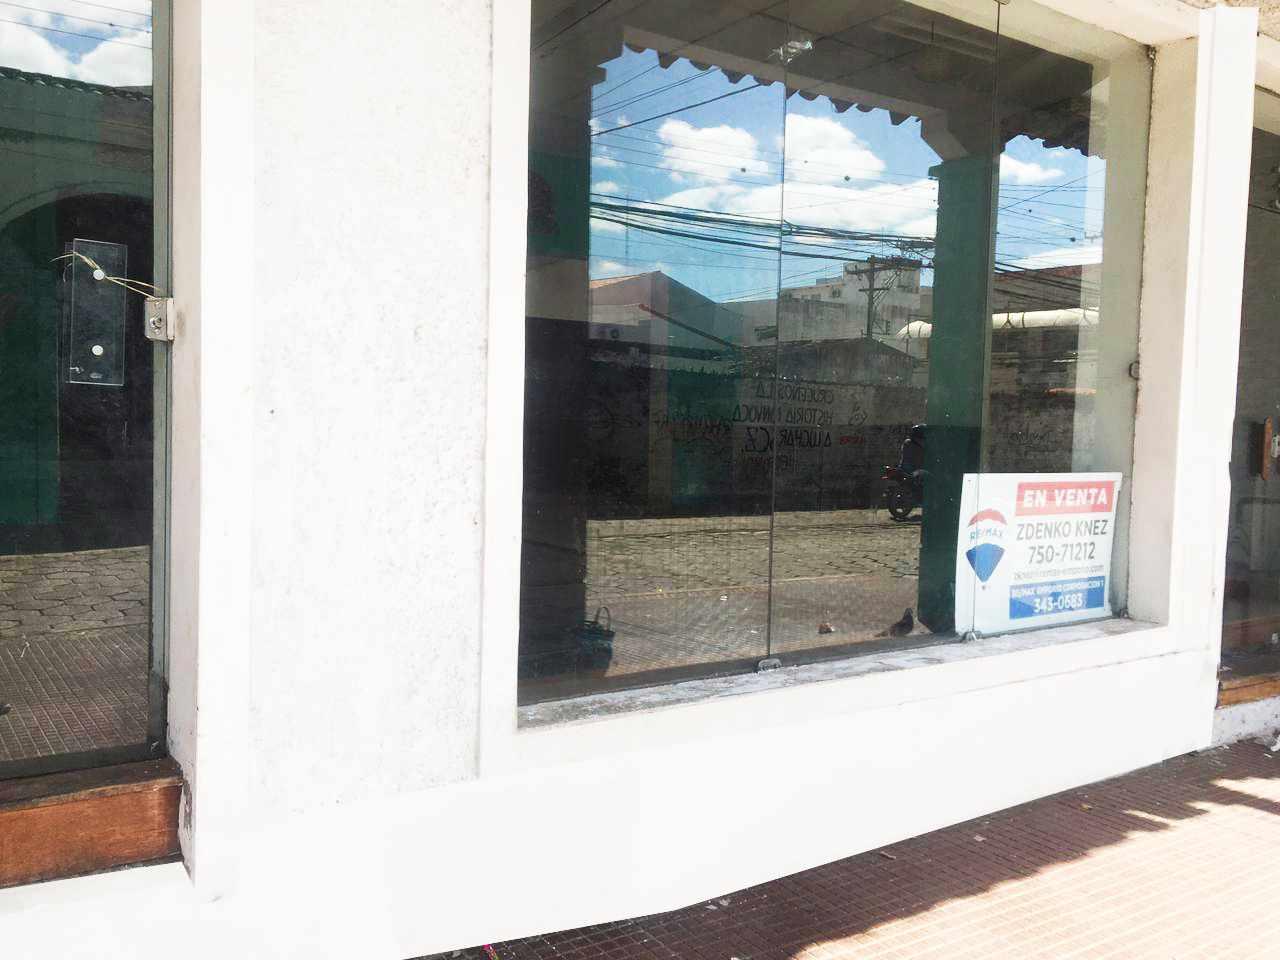 Local comercial en Venta Calle las Charcas  Foto 1